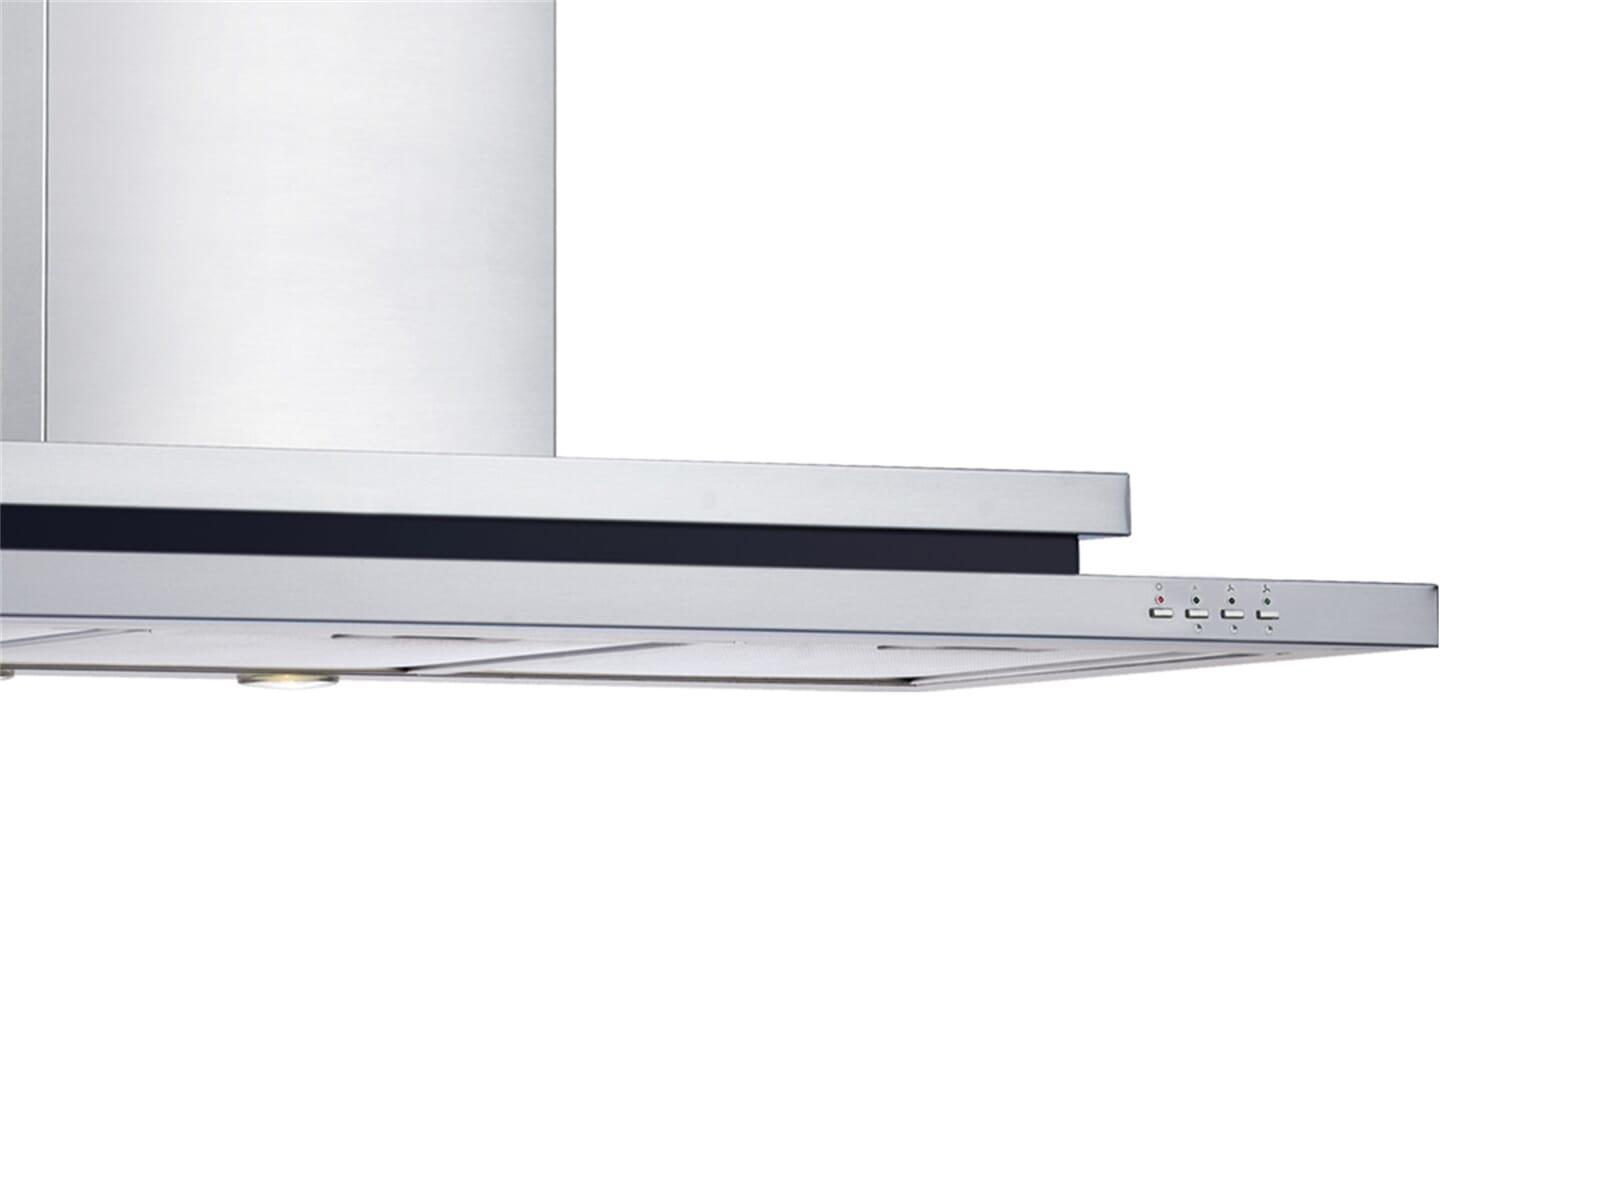 Silverline shagor sgw 953 e wand dunstabzugshaube edelstahl 90 cm ebay